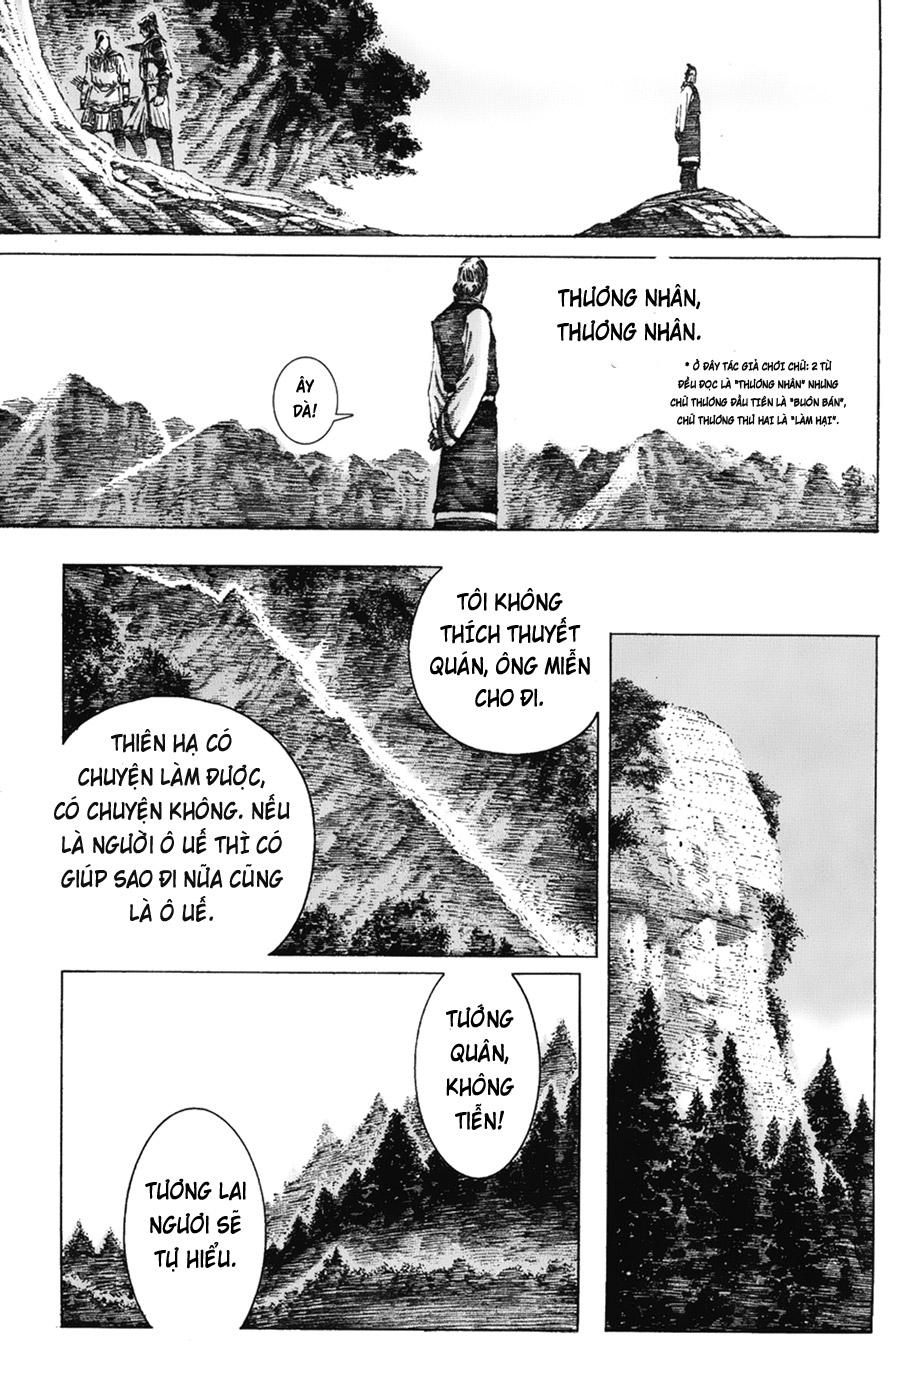 Hỏa Phụng Liêu Nguyên tập 108 - 16